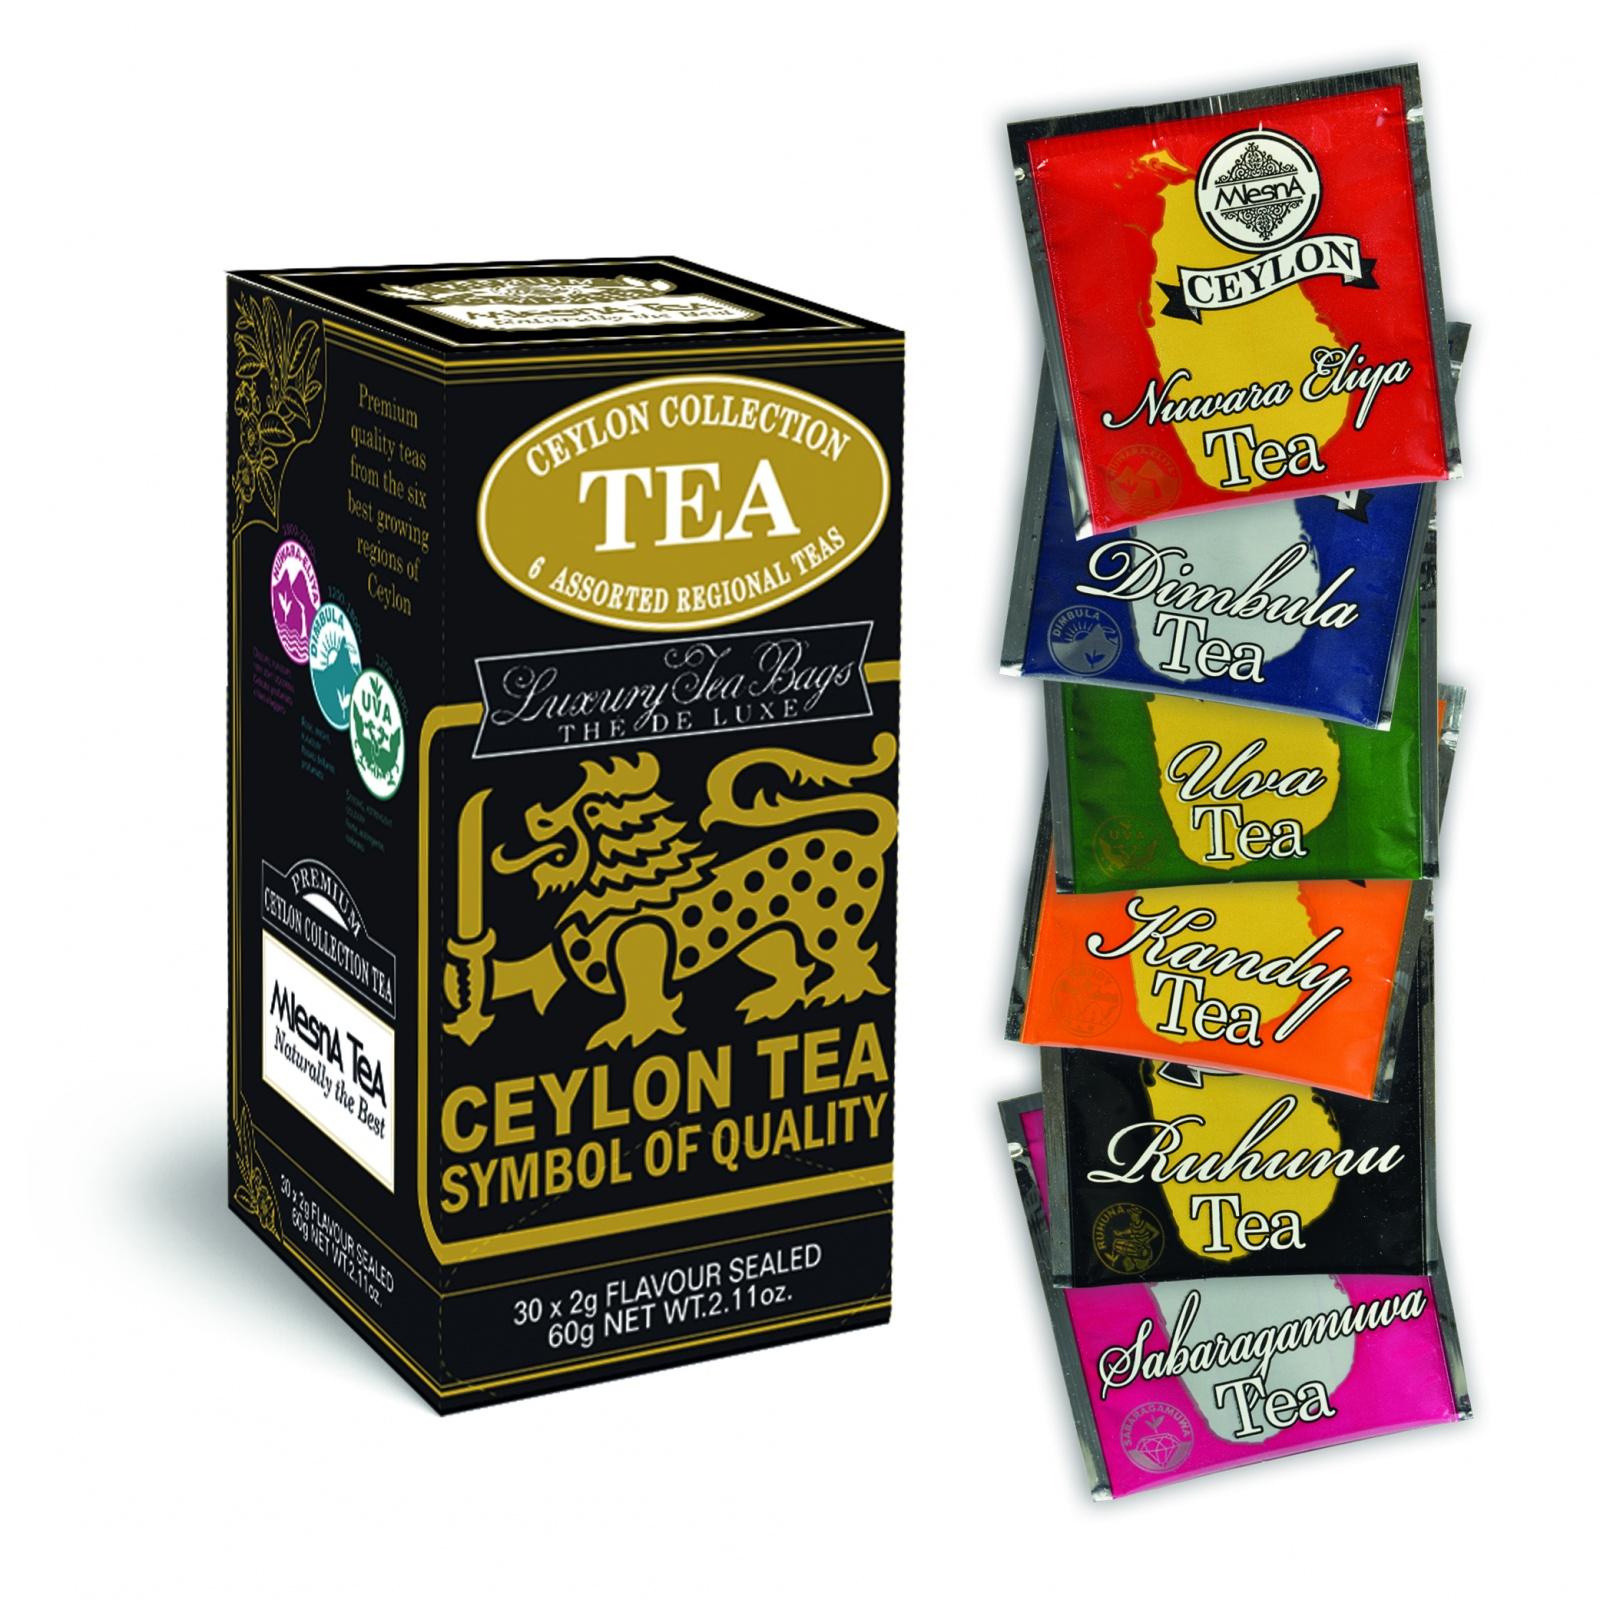 Čaje Mlesna Sáčková kolekce významných čajových oblastí 30x2g MLESNA (Ceylon) Ltd. pravý čaj z Cejlonu